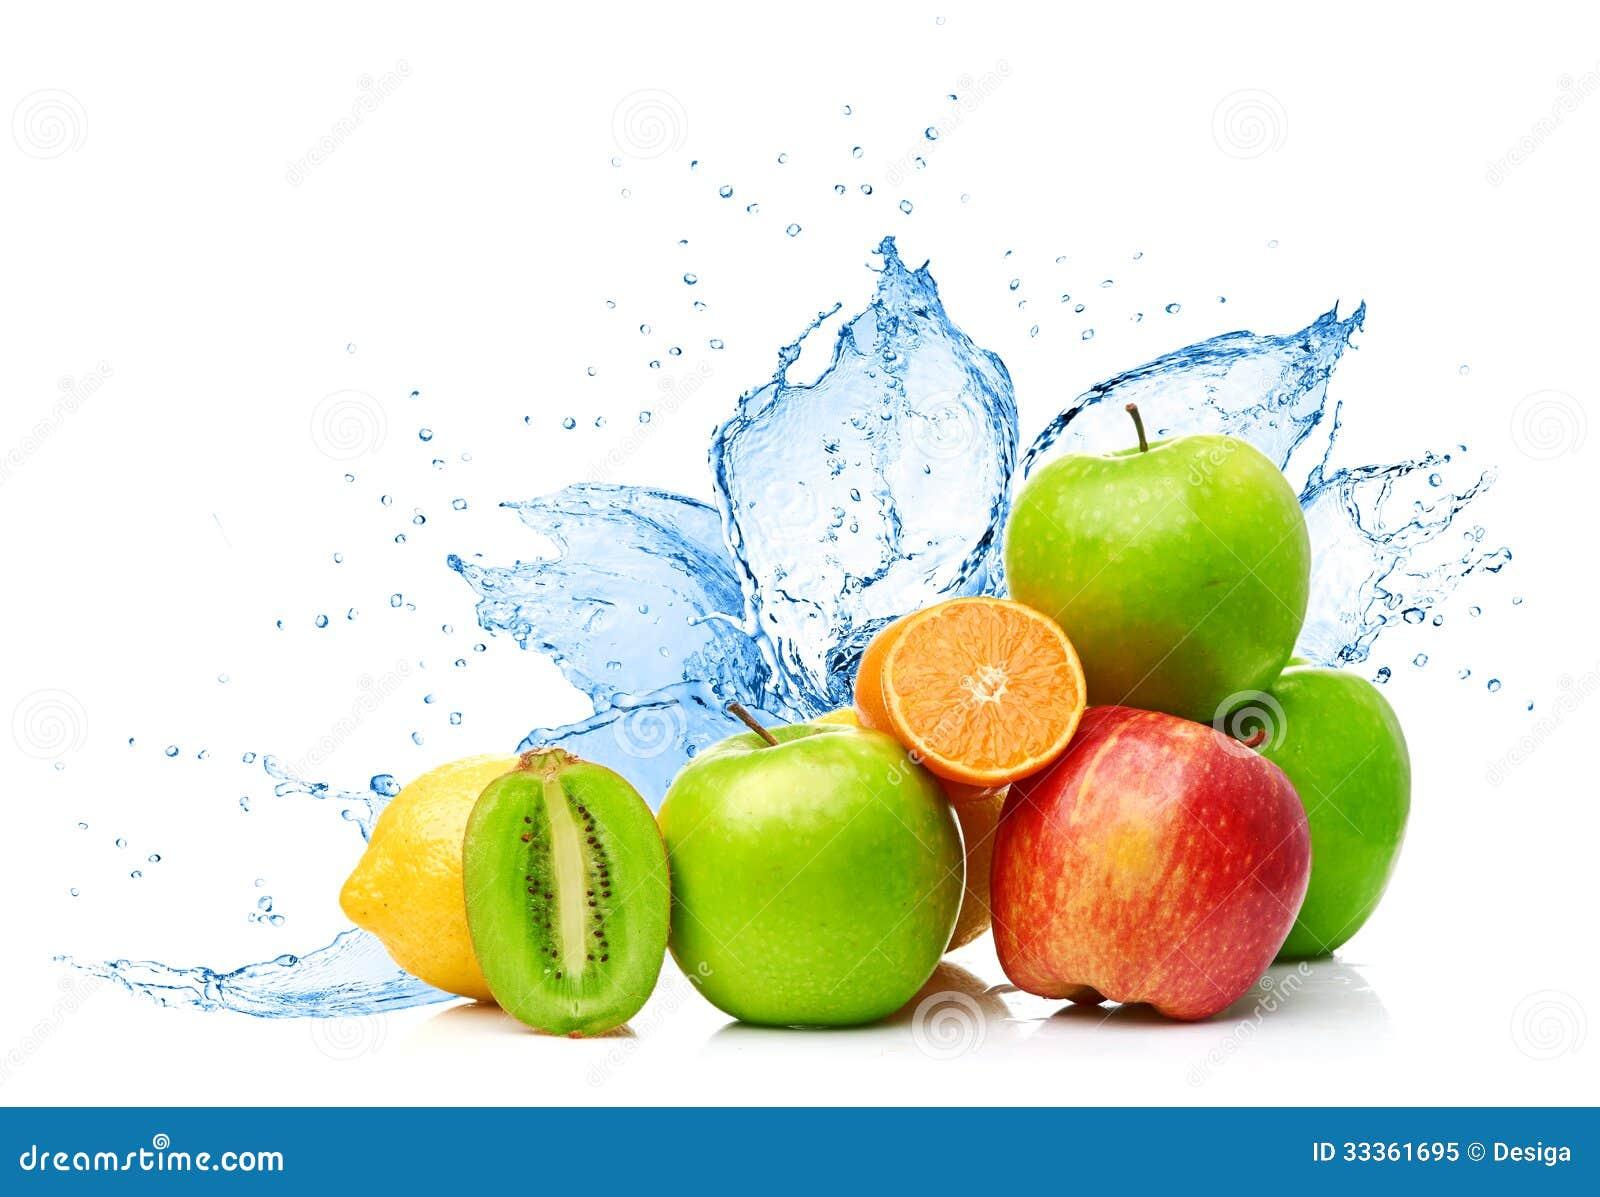 fruit valley fruit water